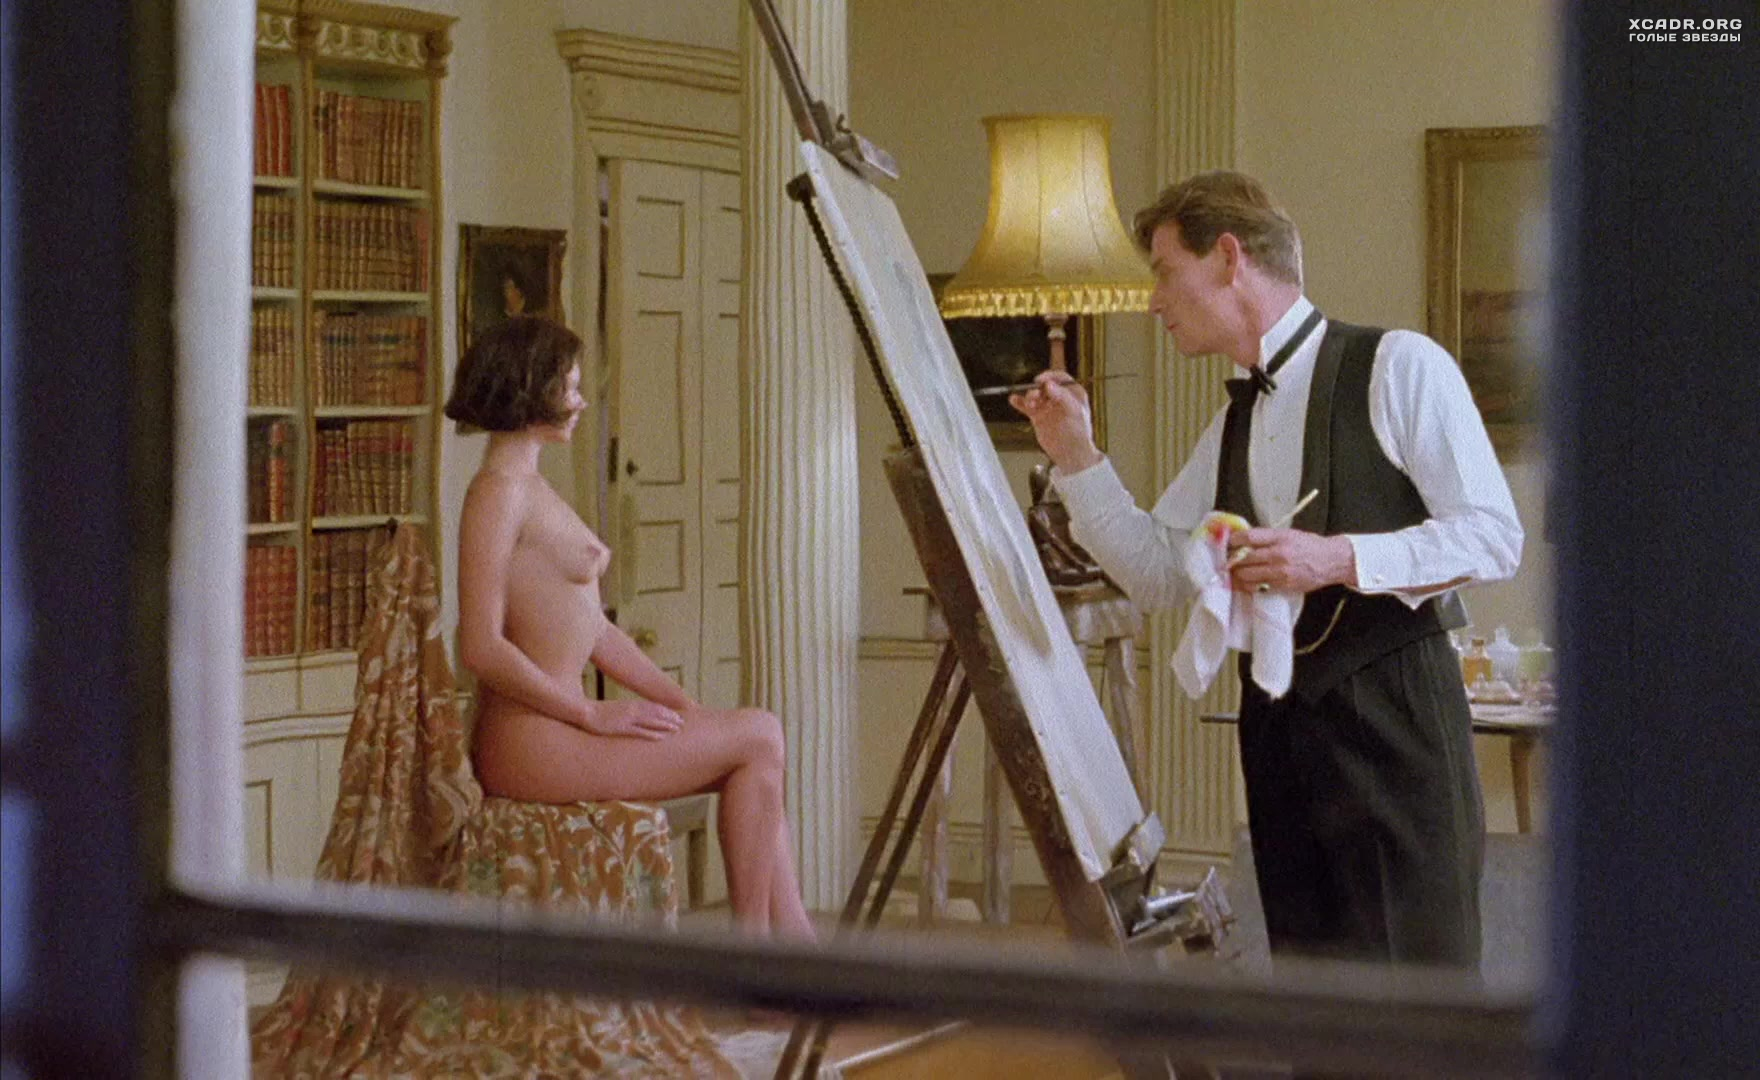 мне очень эротический фильм голые позируют смотреть новой красотой